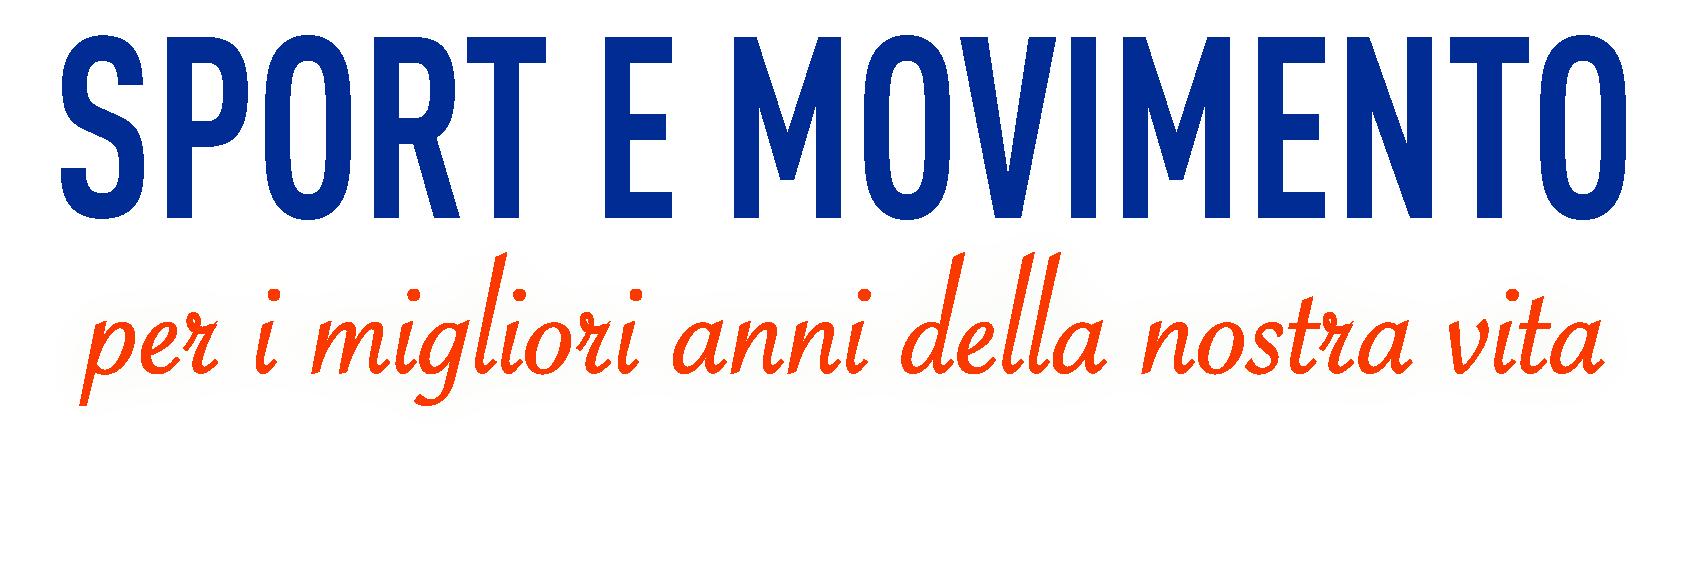 COMUNICATO SPORT E MOVIMENTO